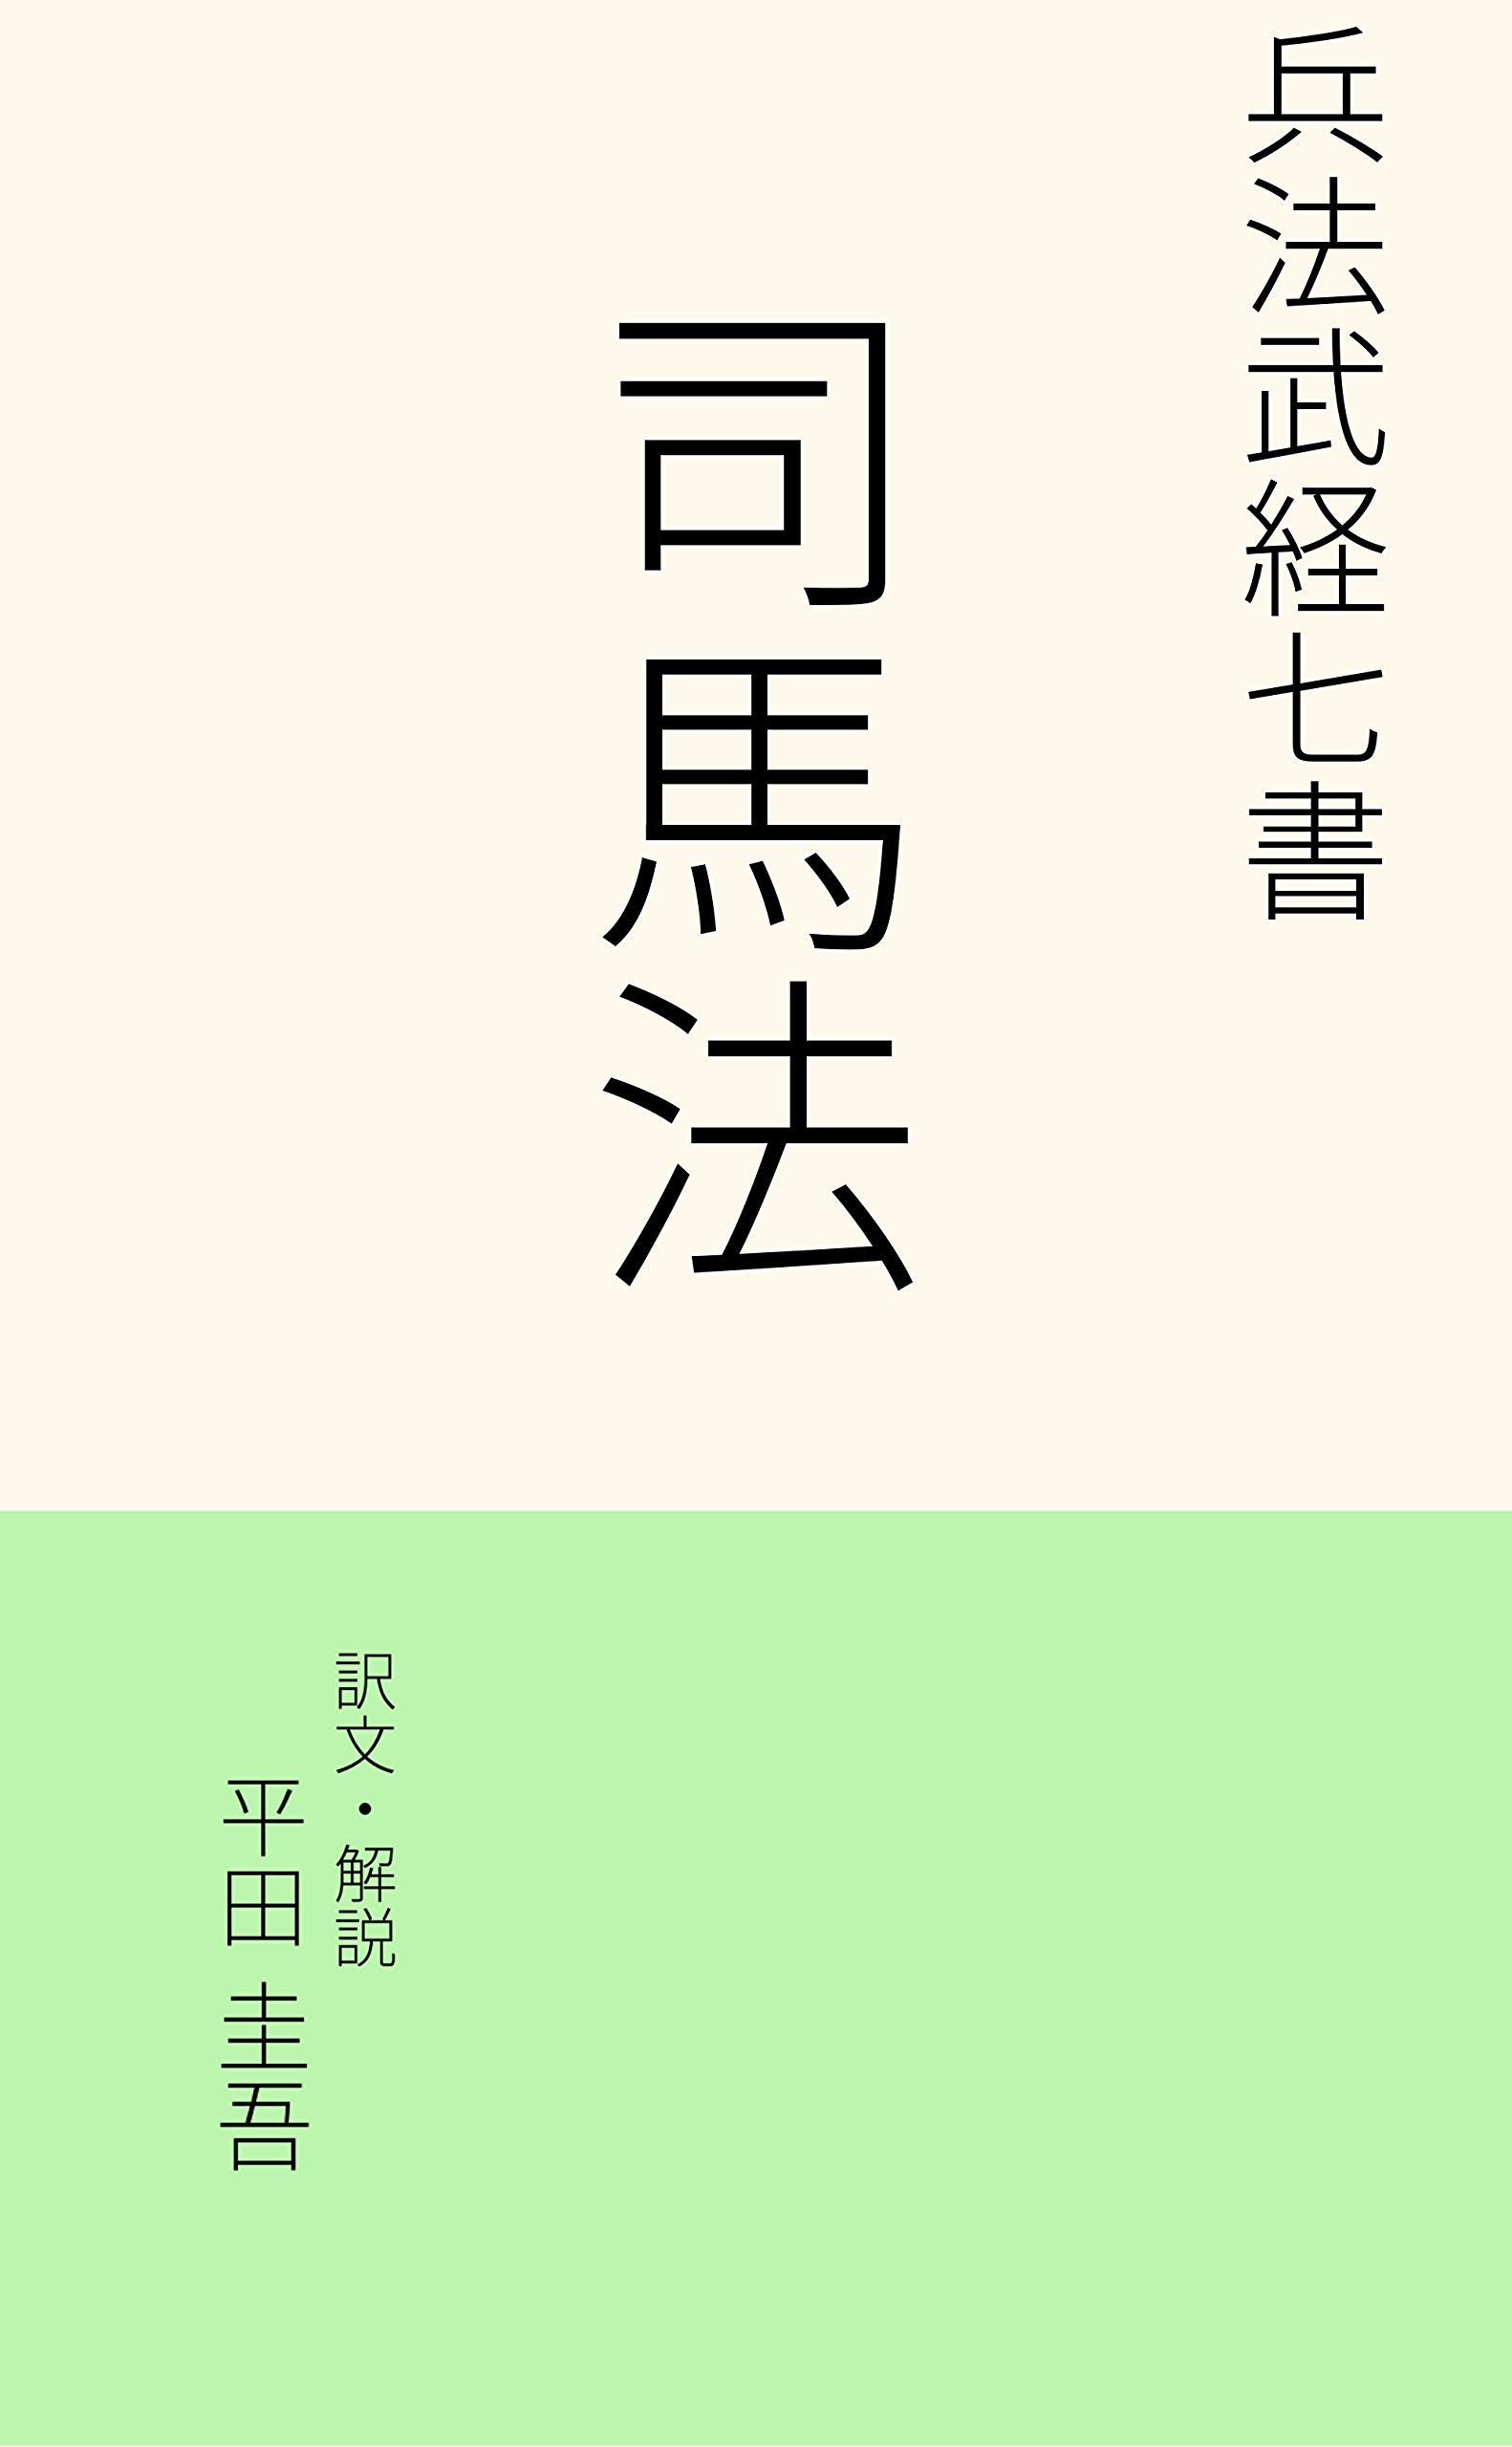 司馬法: 兵法 武経七書 | ABS